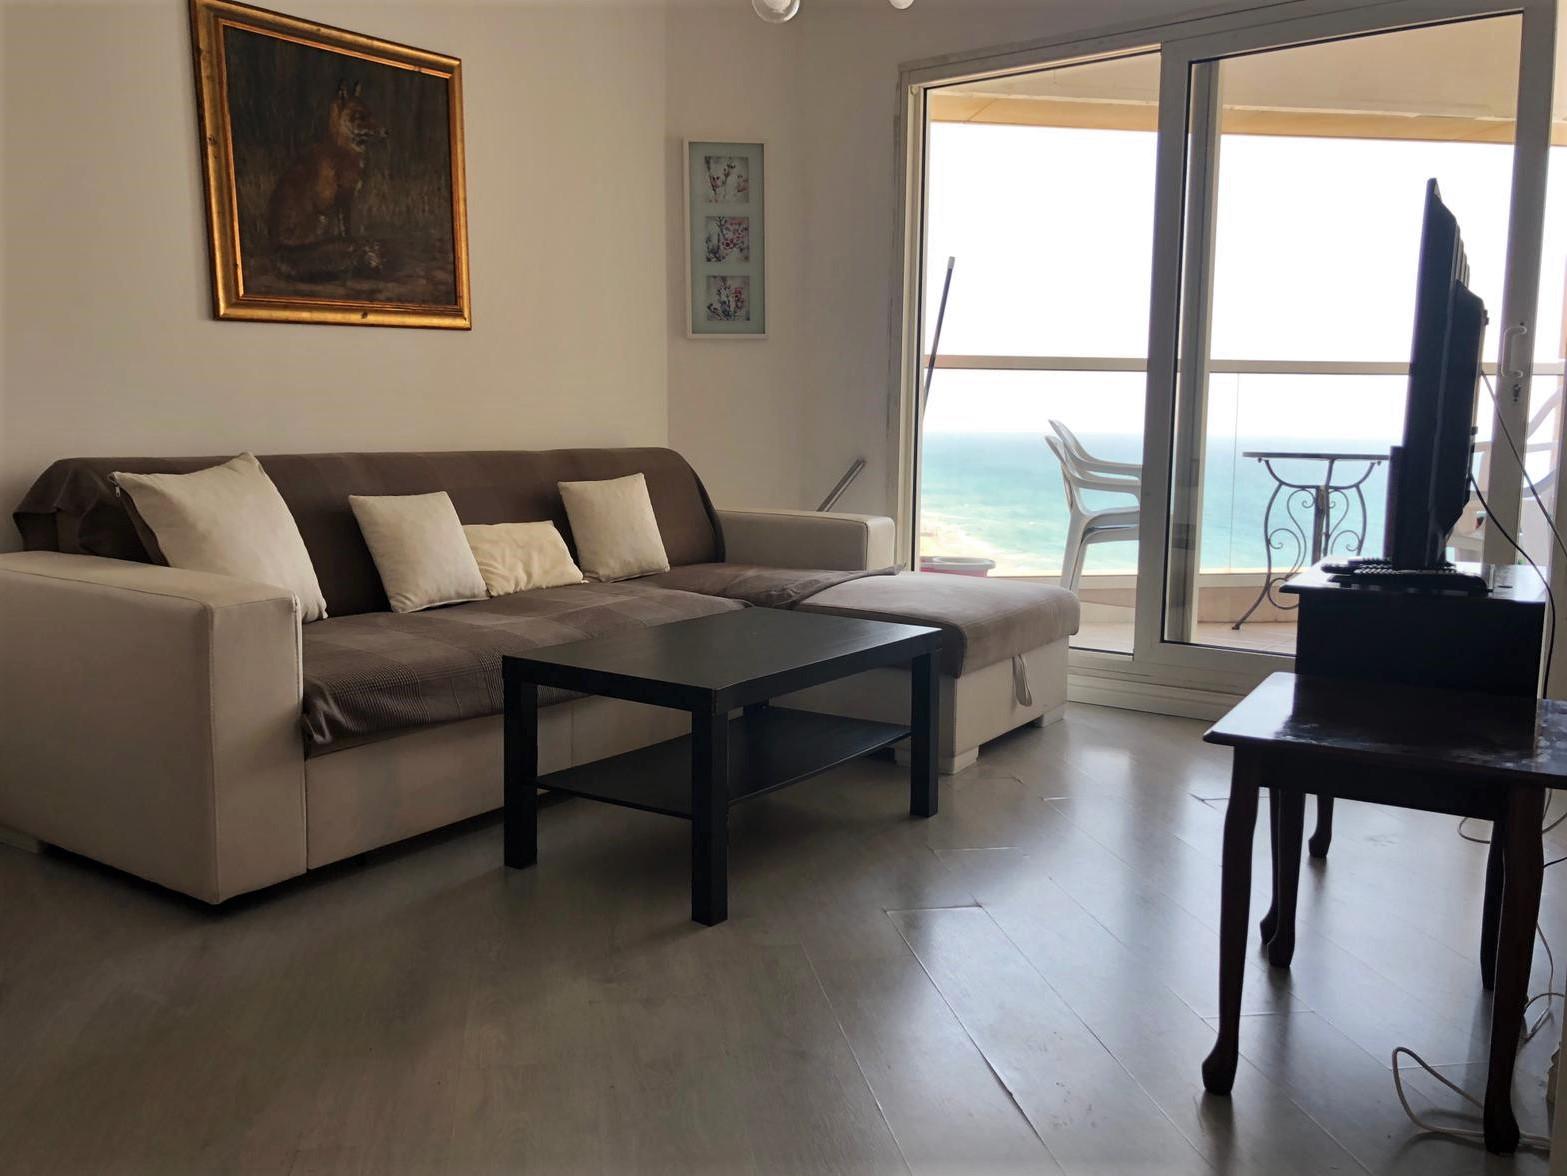 דירה להשכרה 2 חדרים 5,600₪ בחודש, בת ים